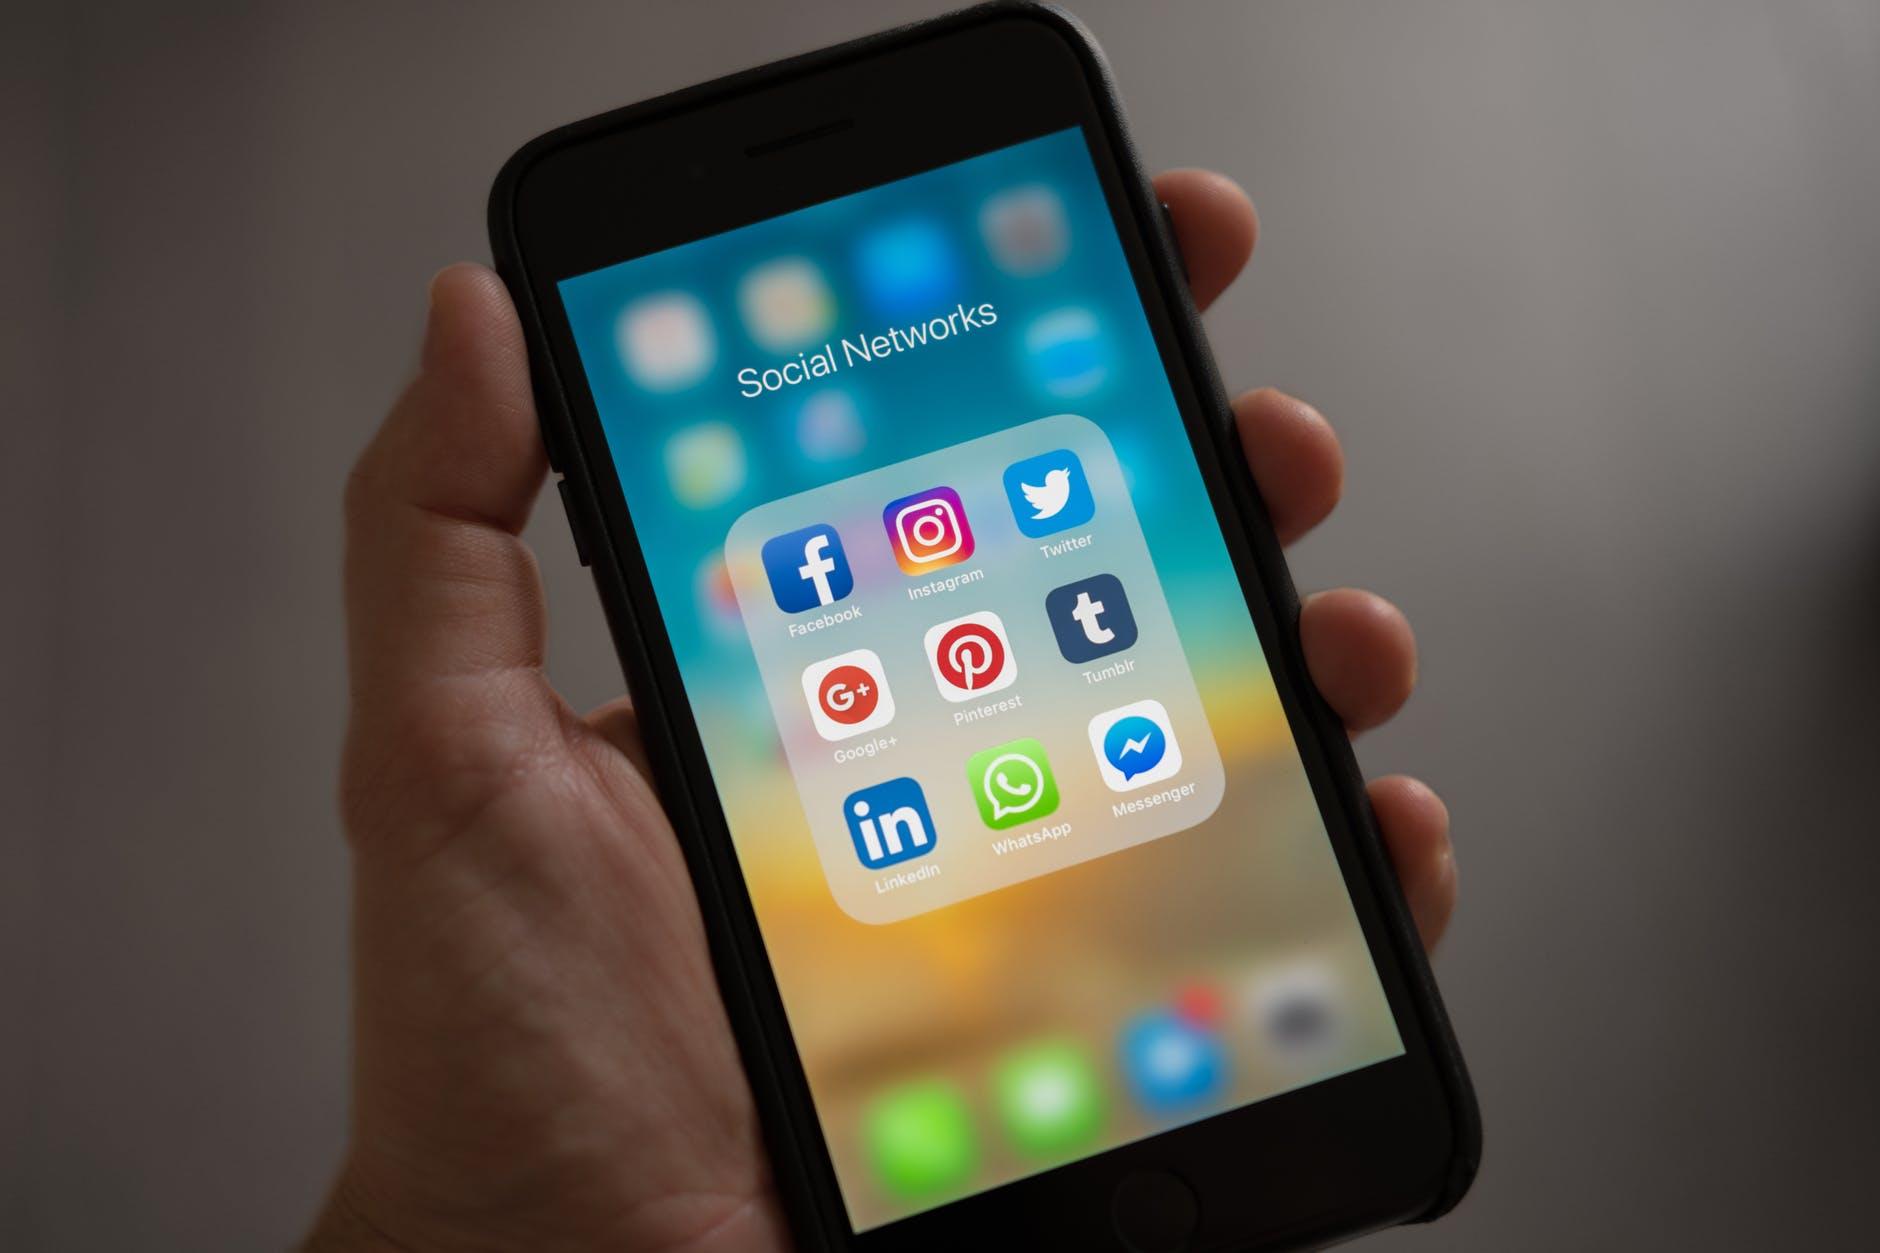 agencia de redes sociales - celular